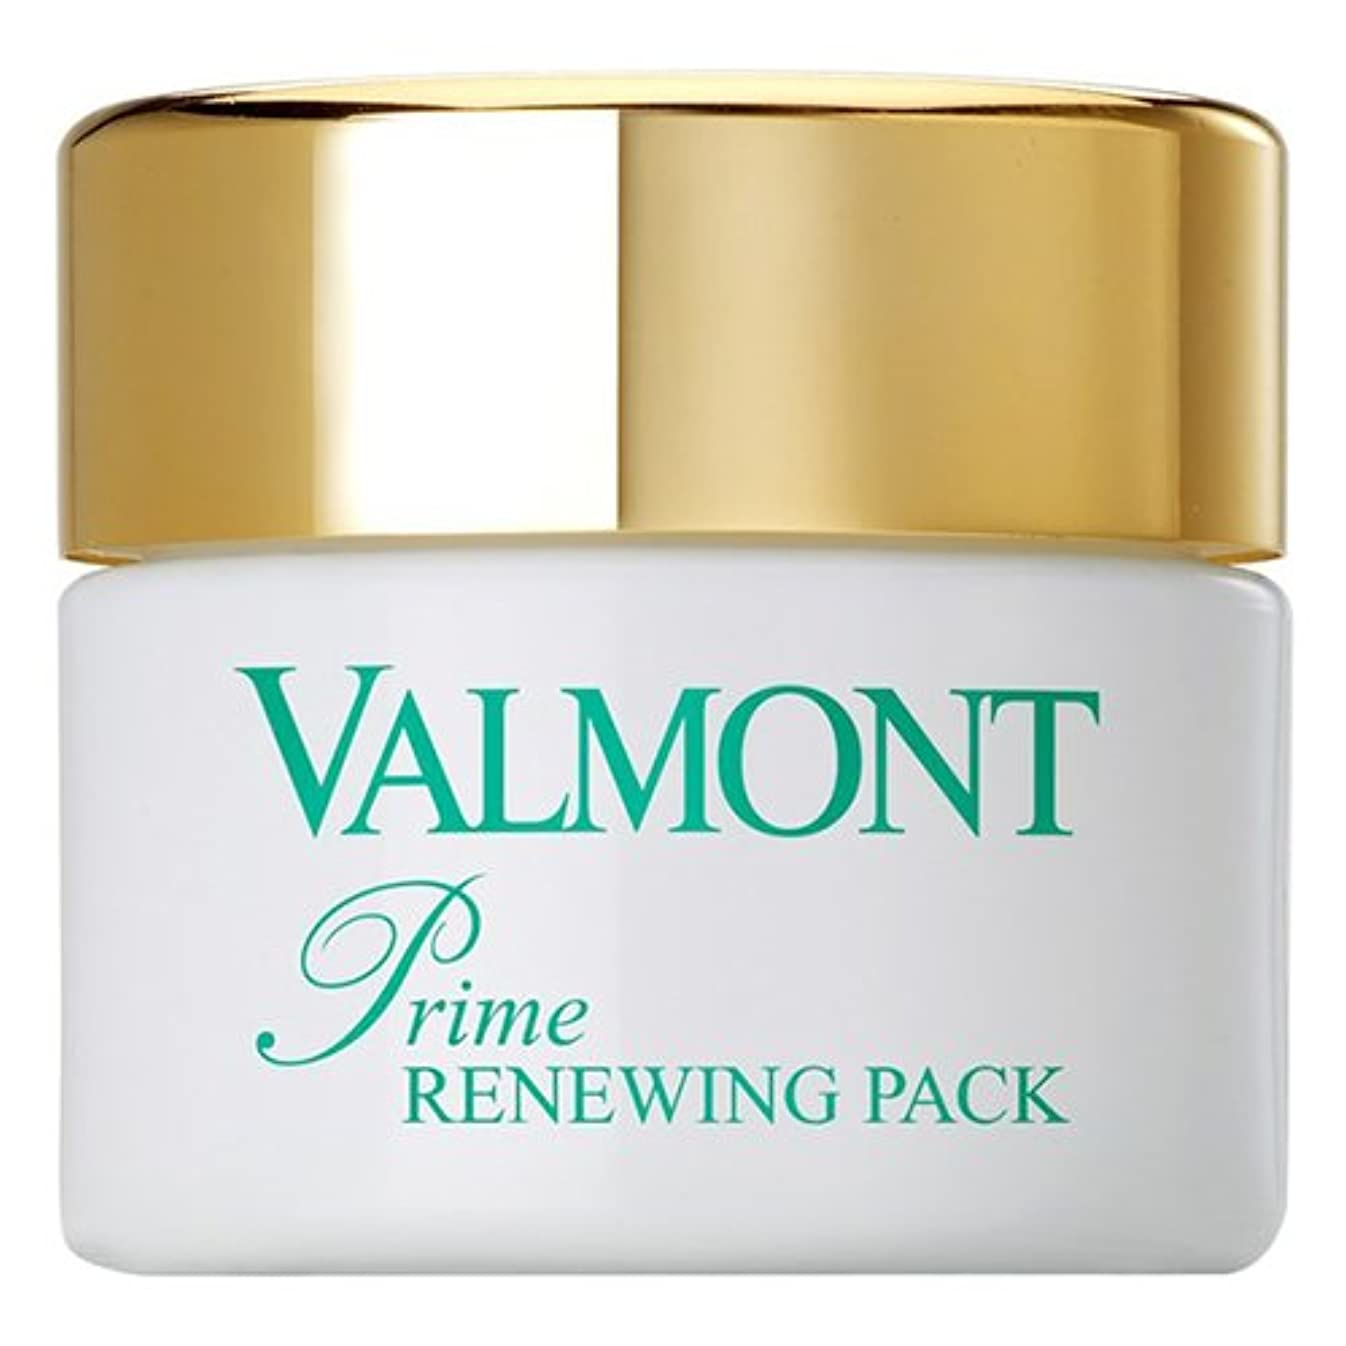 ごめんなさいフィード生Valmont Prime Renewing Pack, 7.0 Ounce エイジングケアマスク クリーム